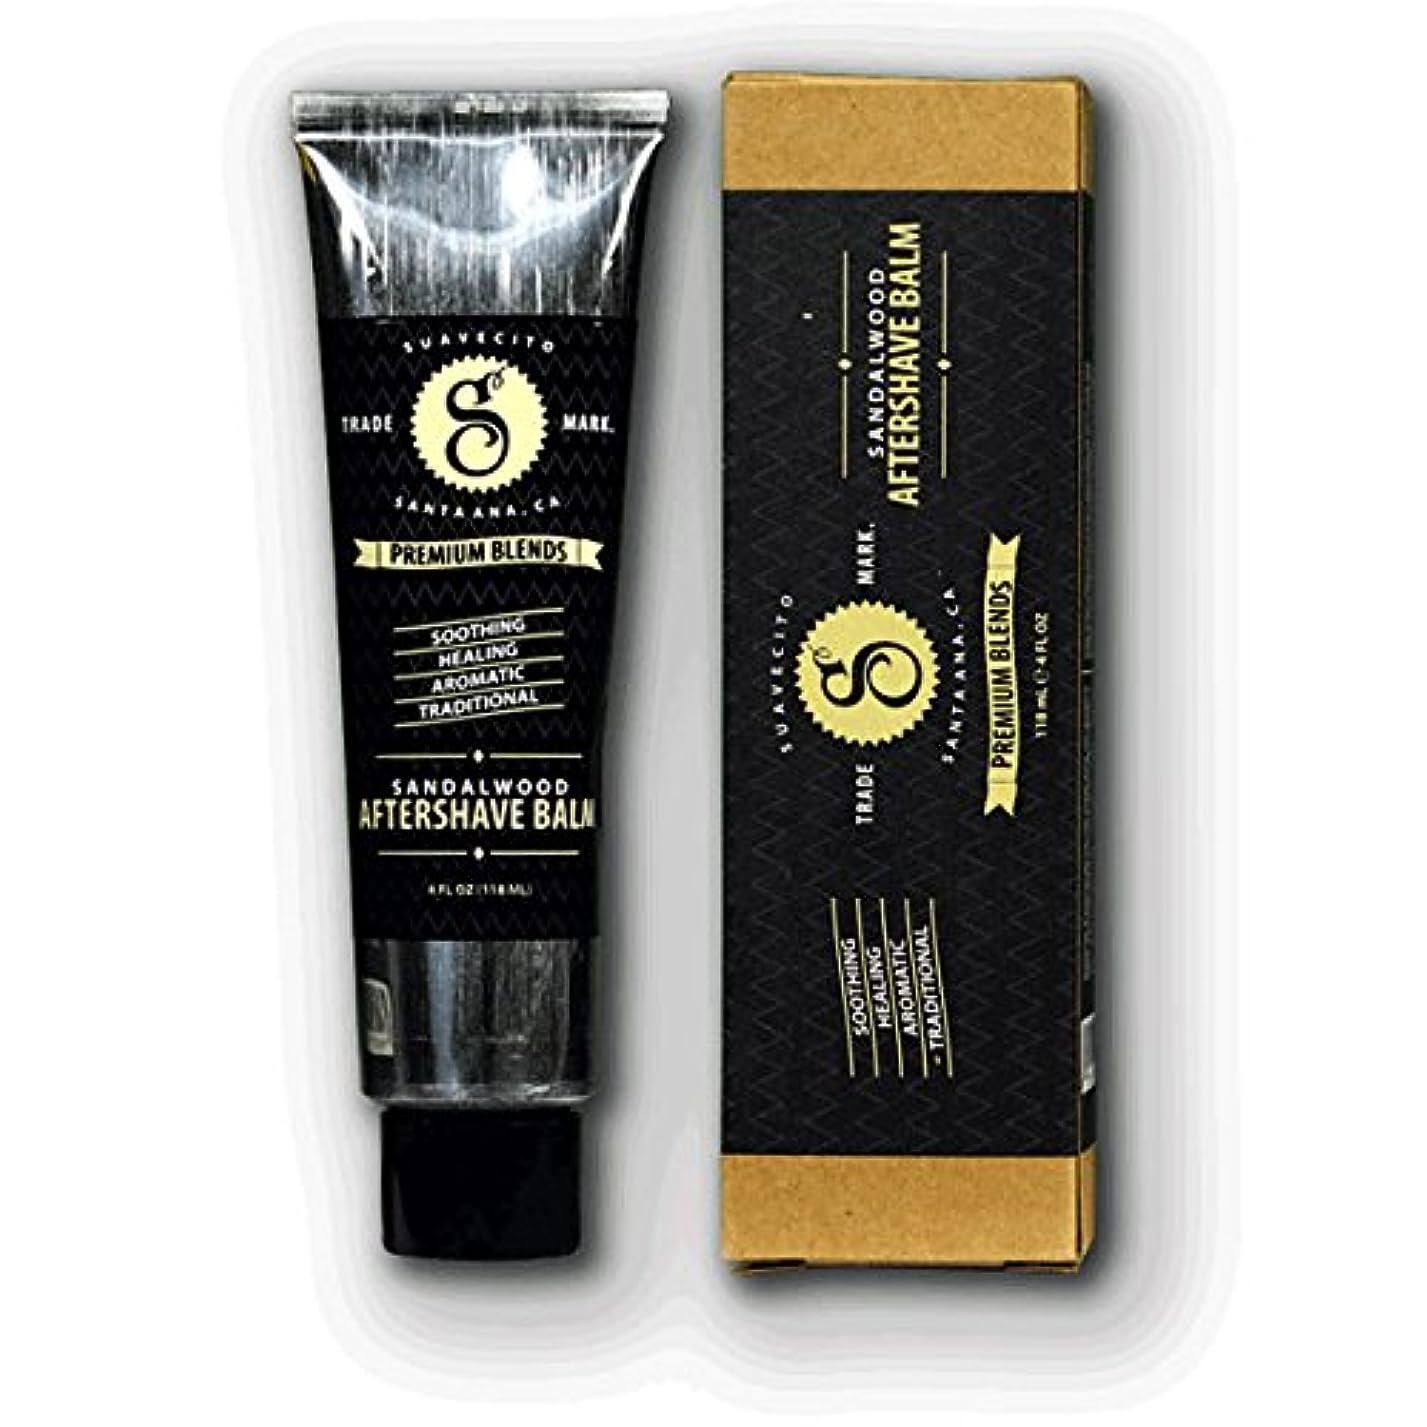 メンバー耕す湿気の多いSUAVECITO スアベシート 【Premium Blends Sandalwood Aftershave Balm 4oz】 シェービングクリーム 4OZ(約110G)